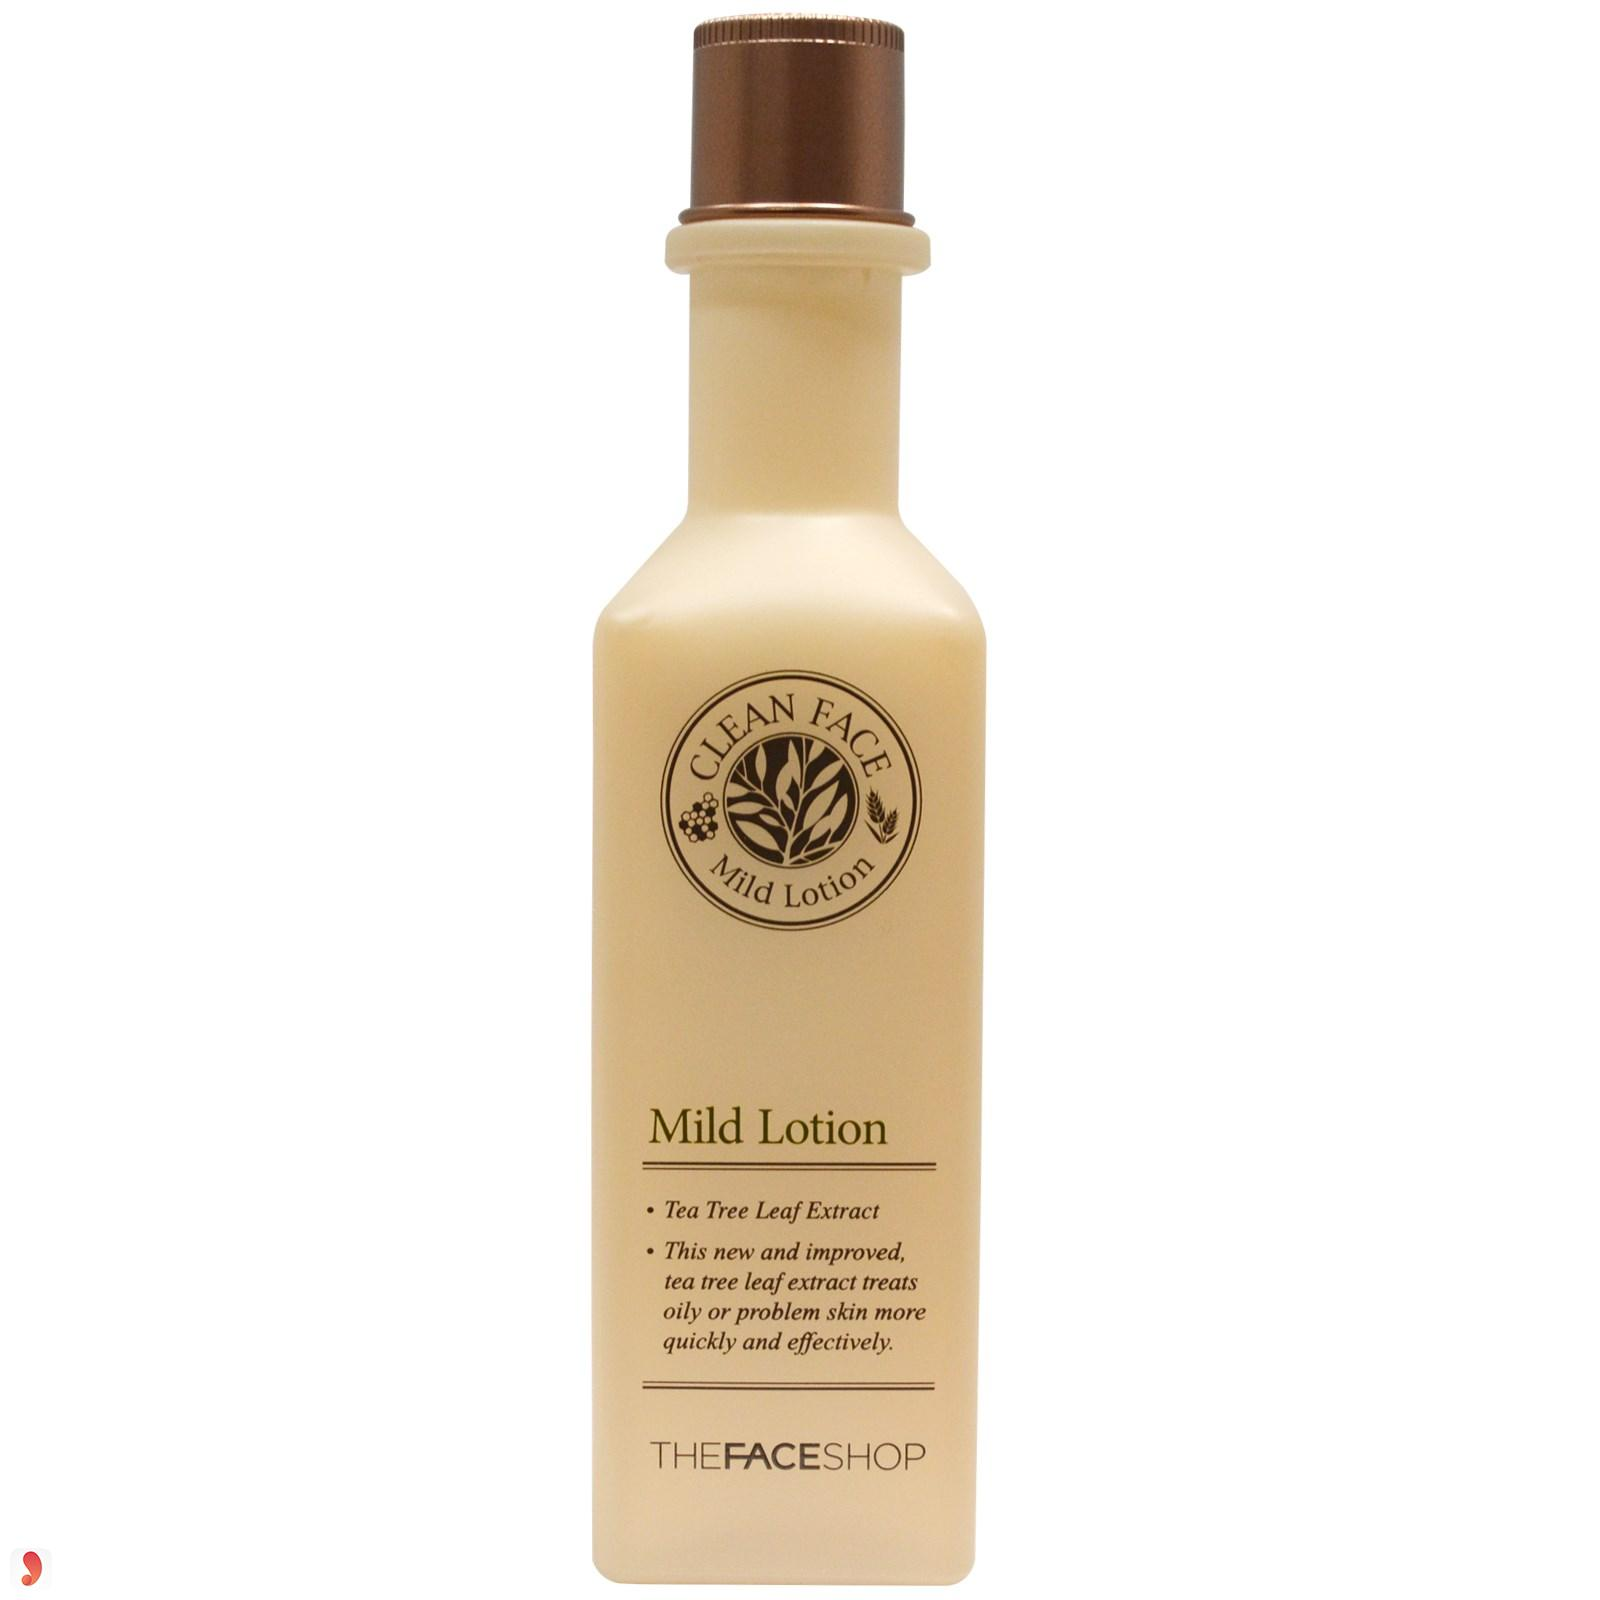 lotion dưỡng da mặt tốt nhất 10